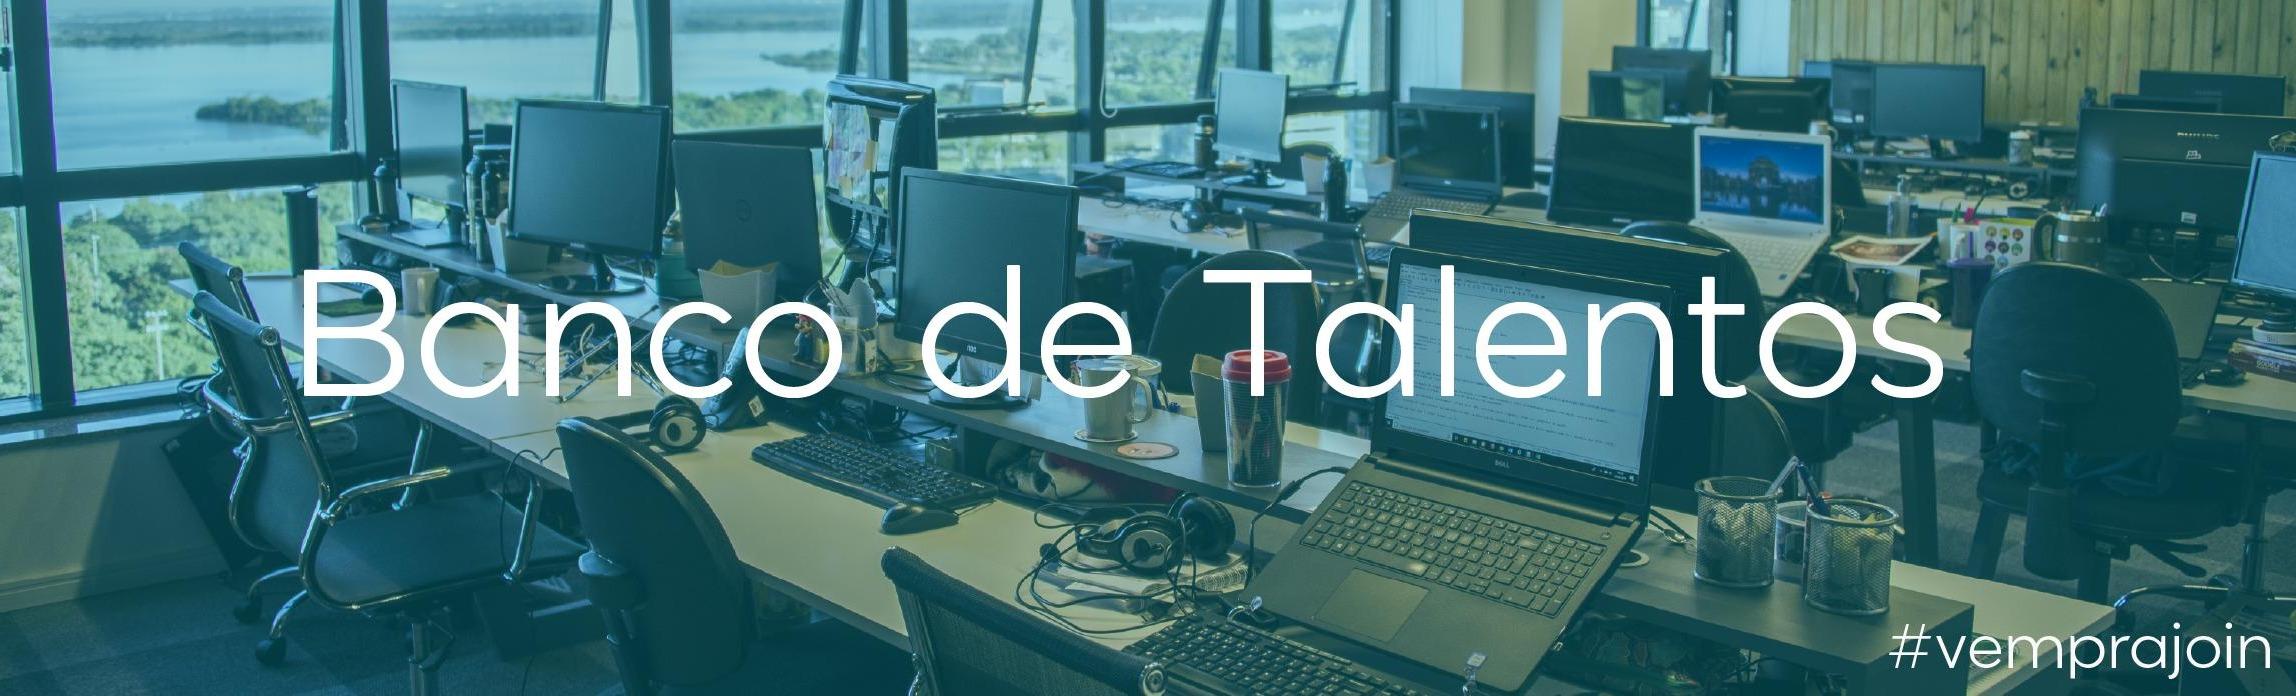 Banco de Talentos Join Tecnologia (Brasil)